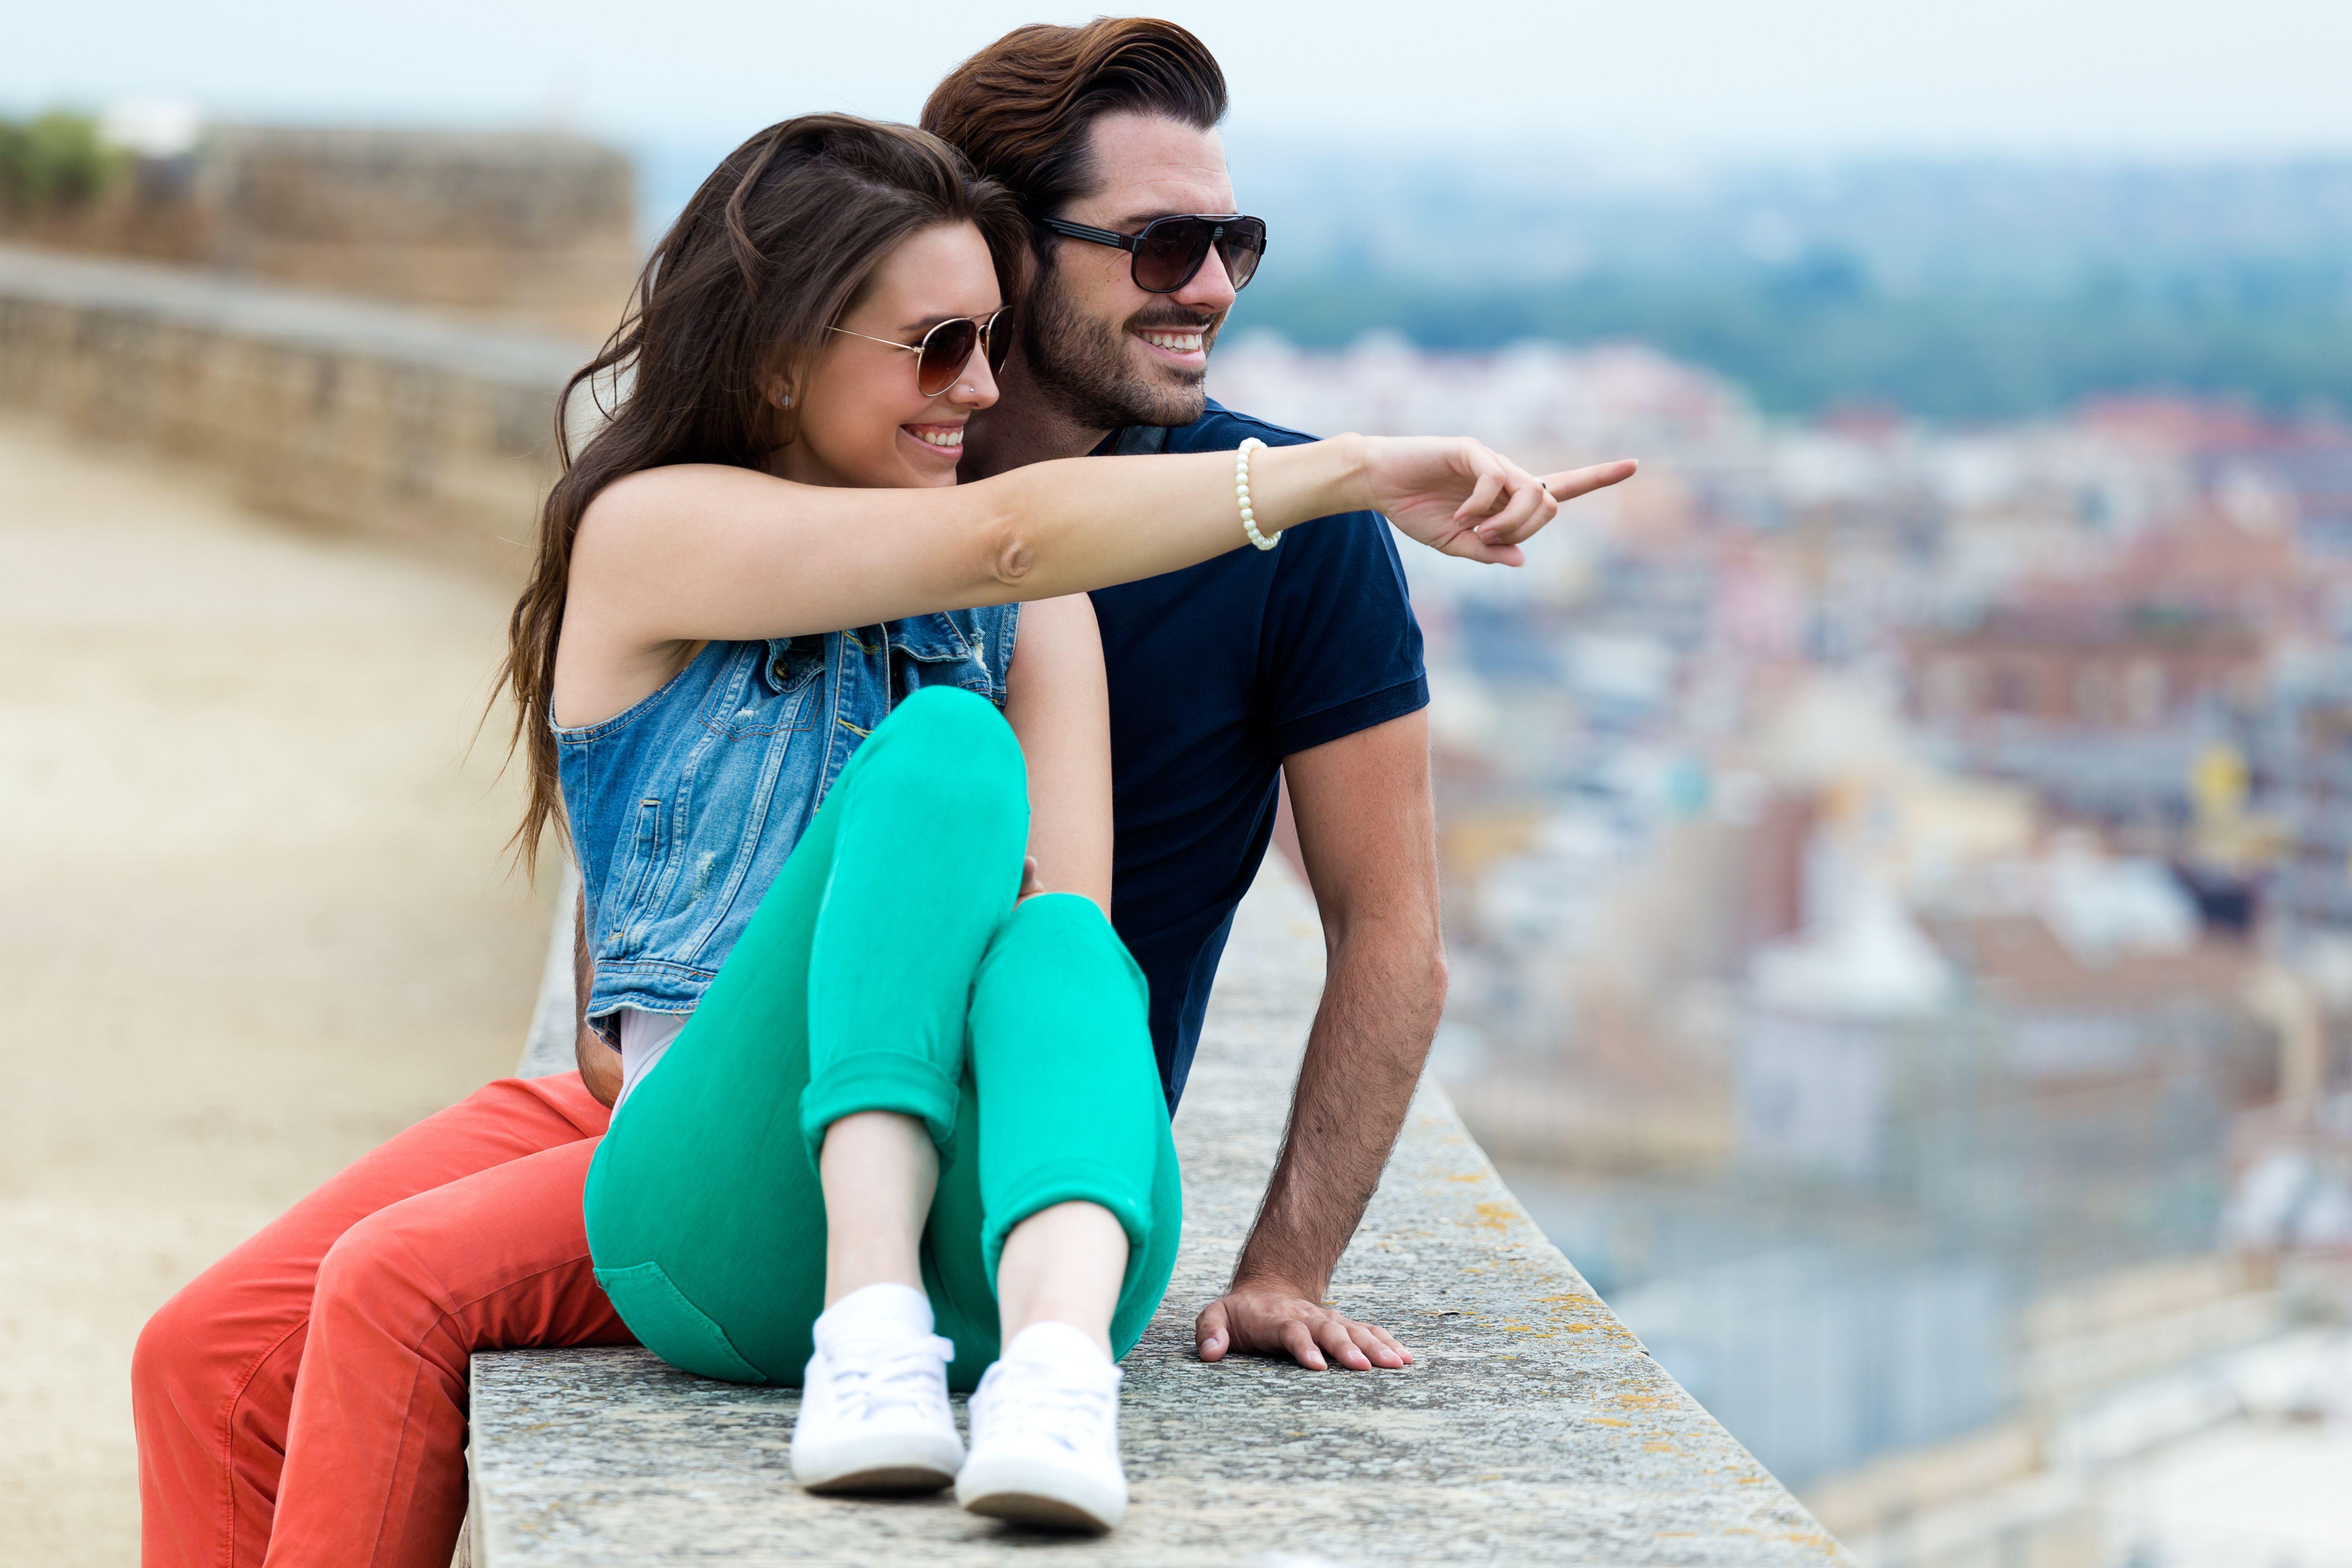 HACER COSAS DIVERTIDAS EN PAREJA - #soluciones #parejas #humor #amor ...